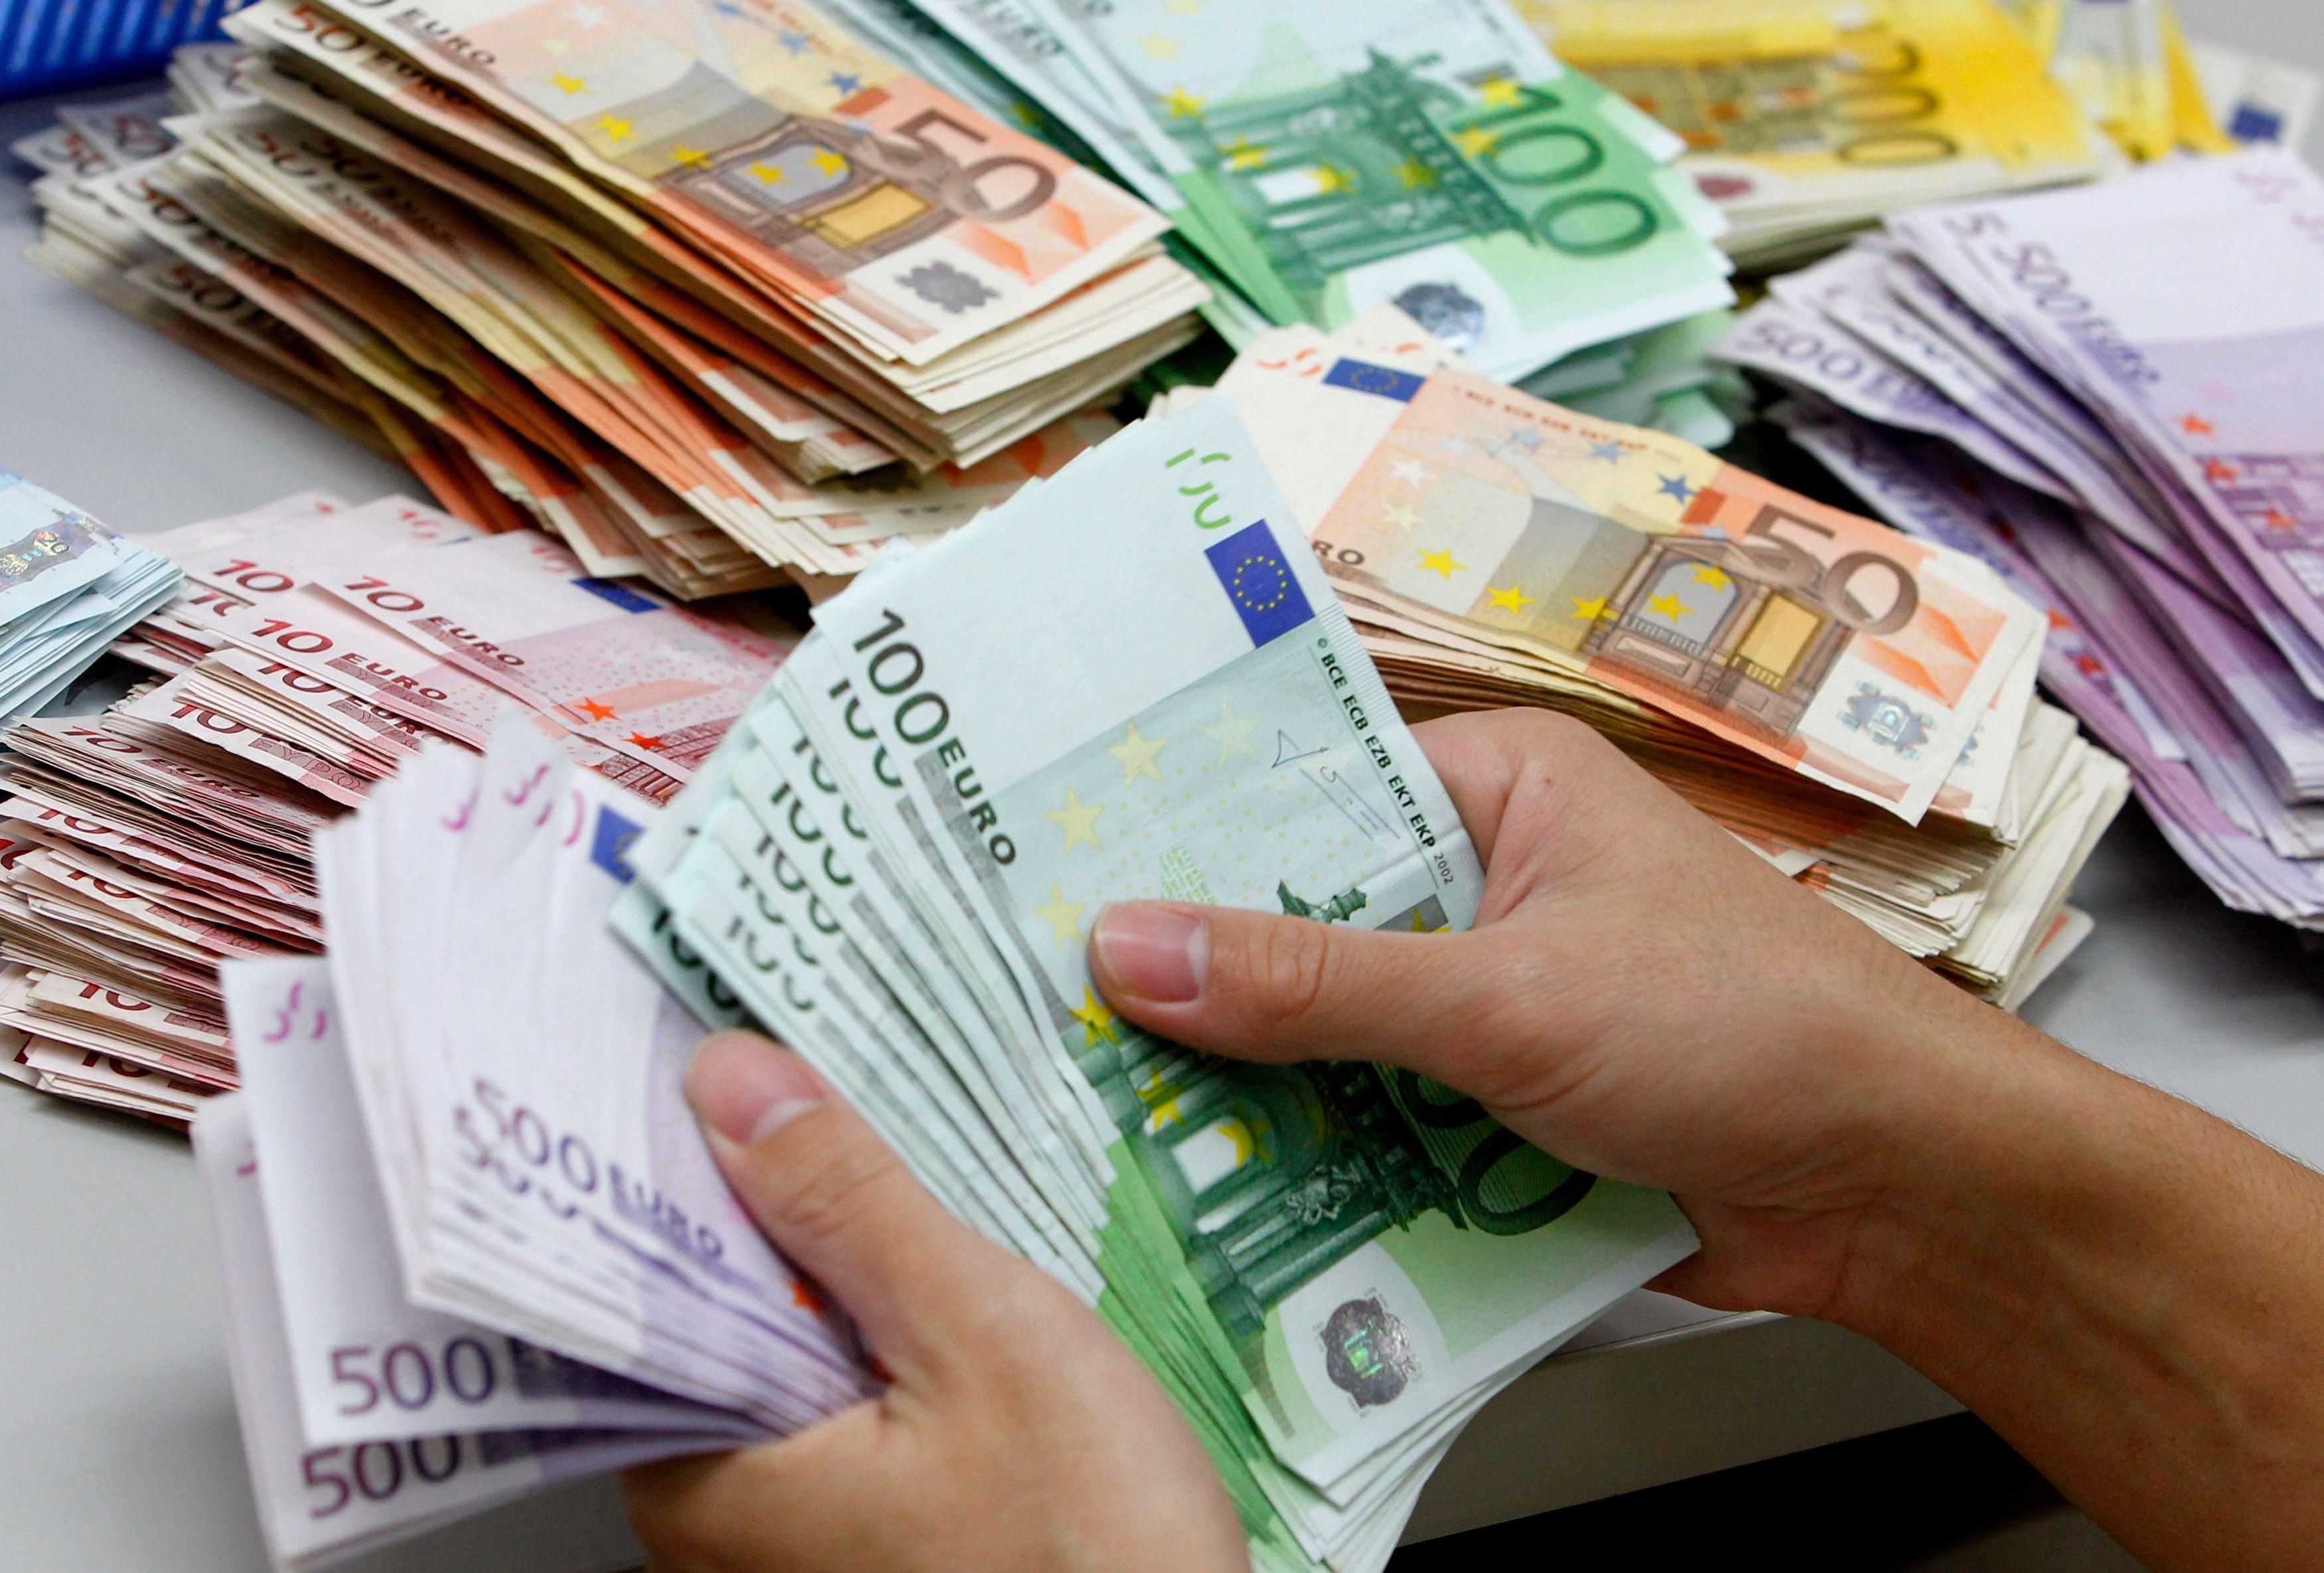 Pourquoi les Italiens bourrent littéralement leurs matelas de billets de banque